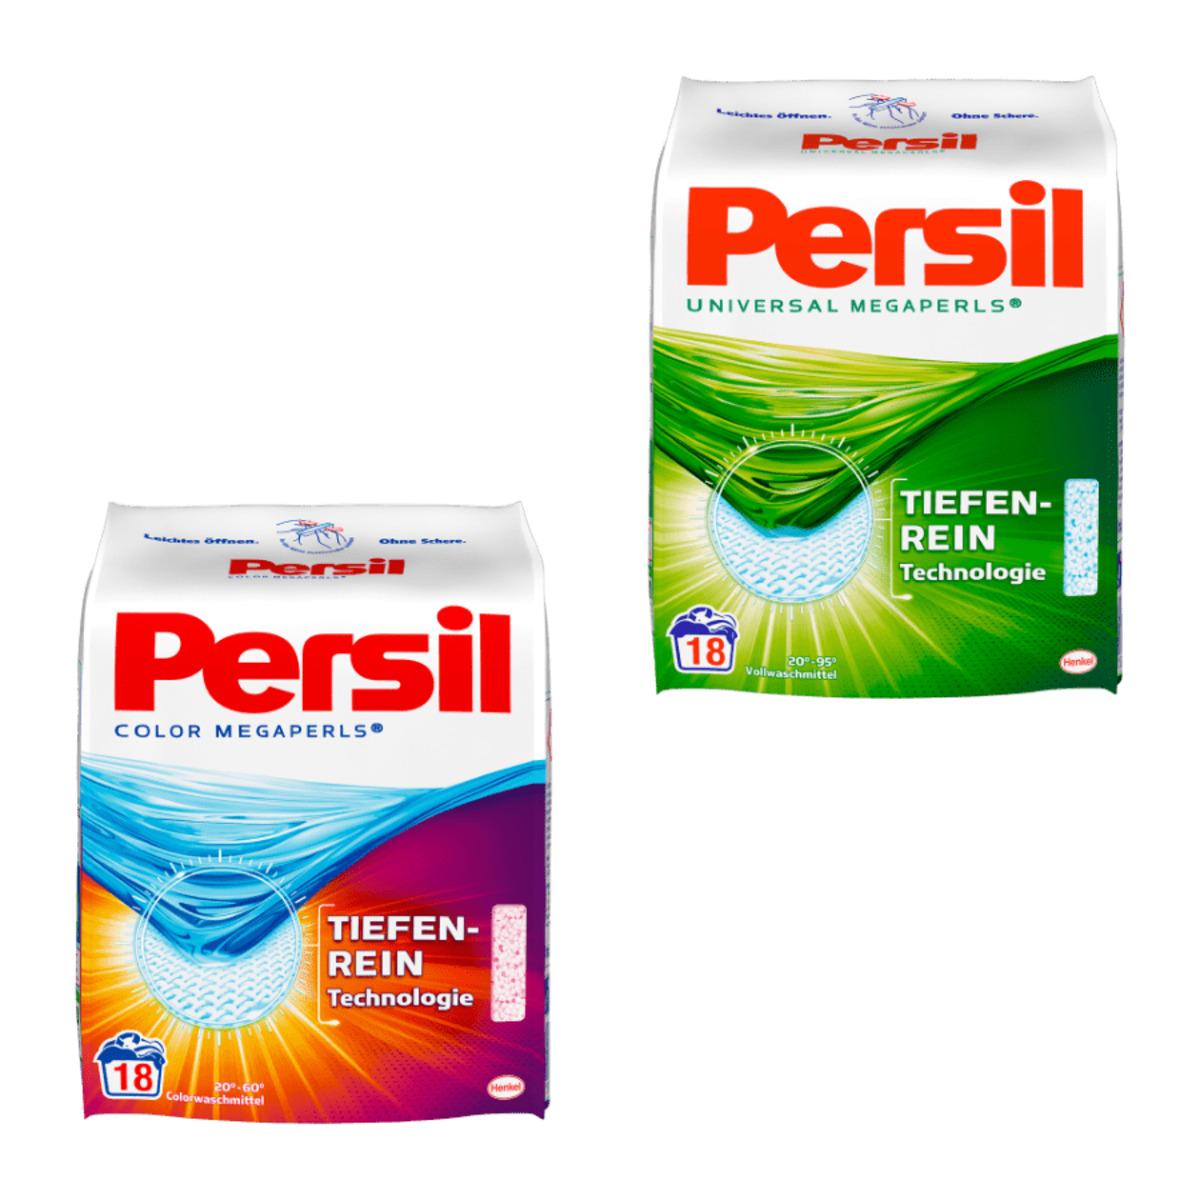 Bild 1 von Persil Megaperls